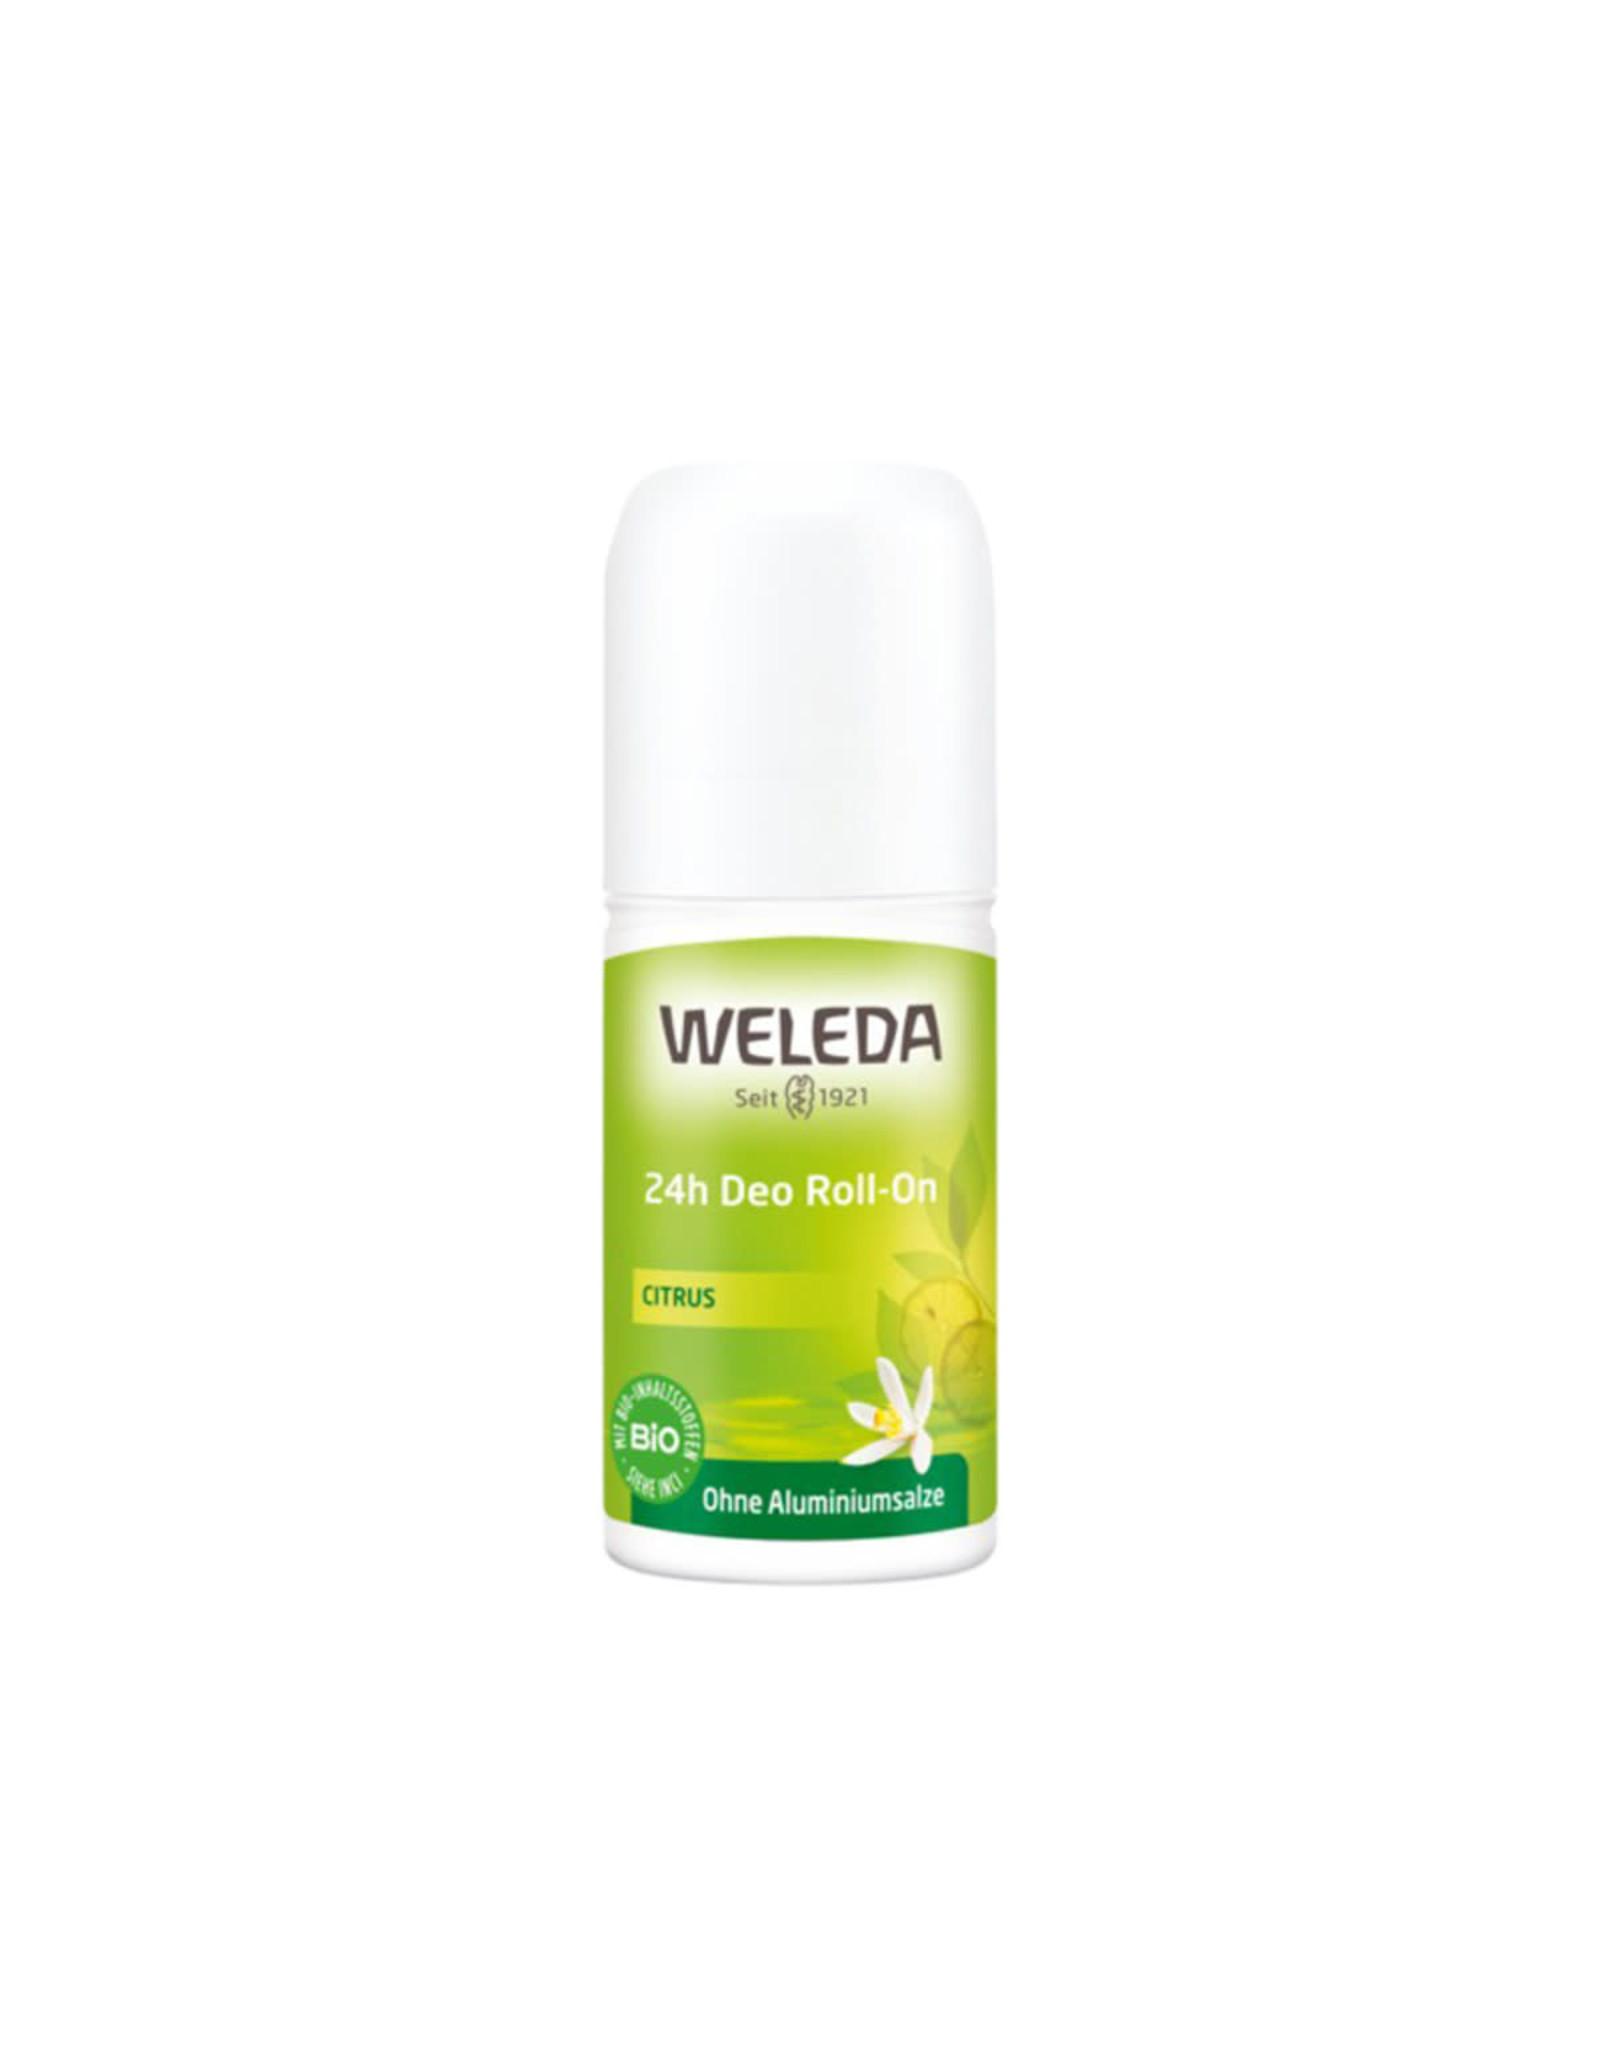 Weleda 24hr Roll-On Deodorant Citrus 50ml